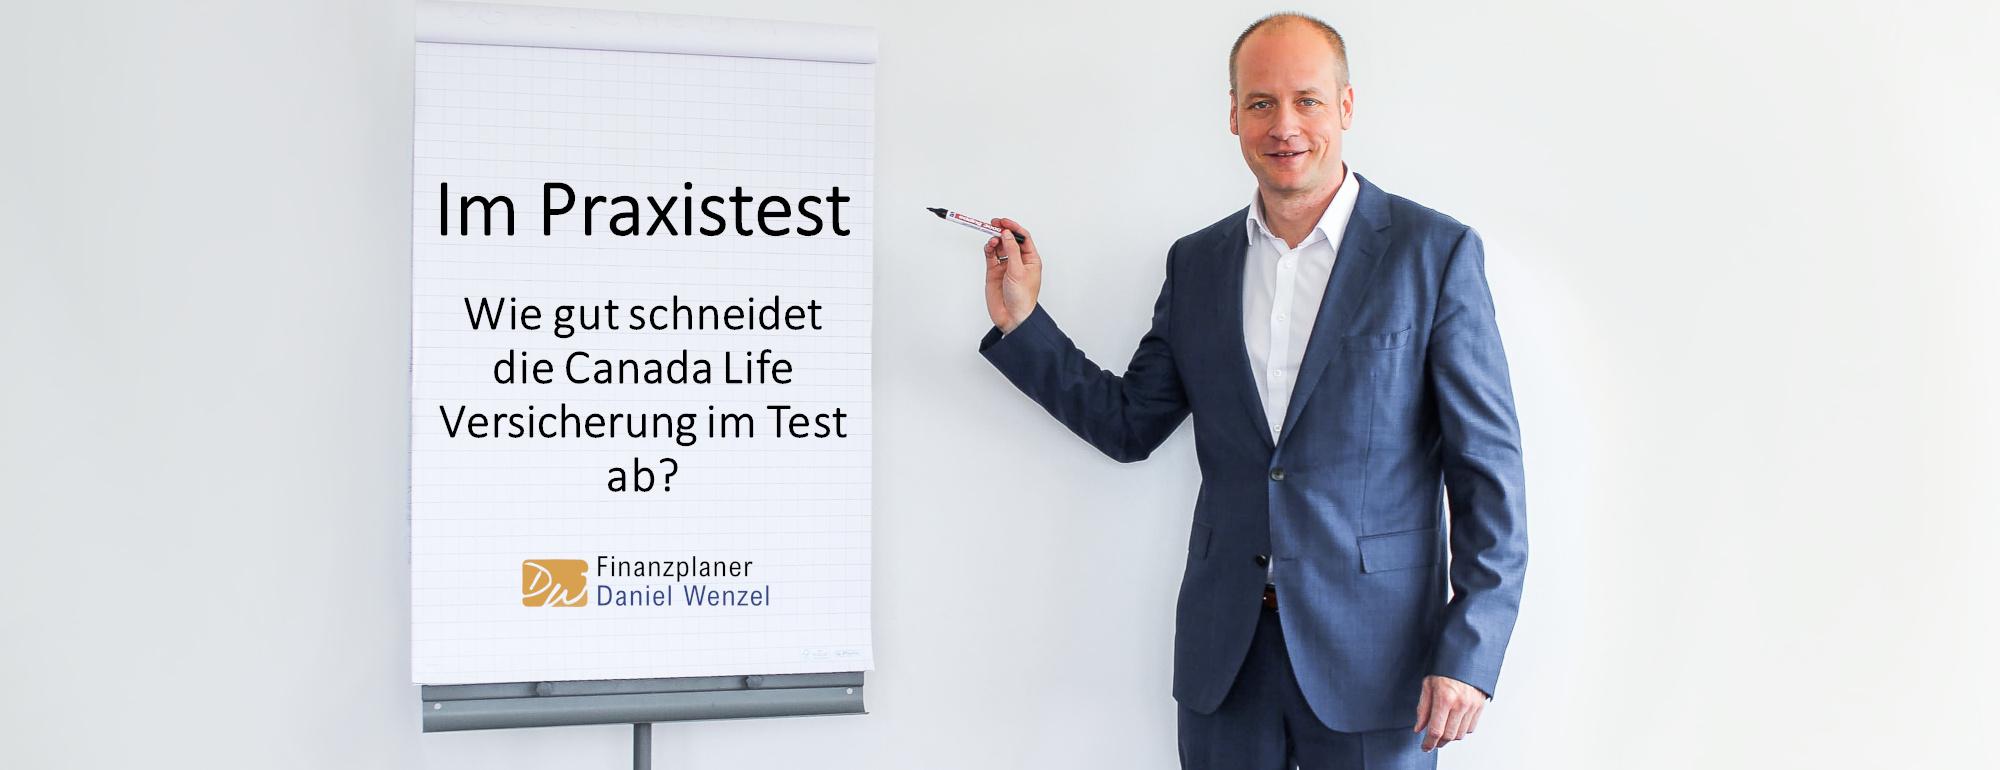 Canada Life Versicherung im Test